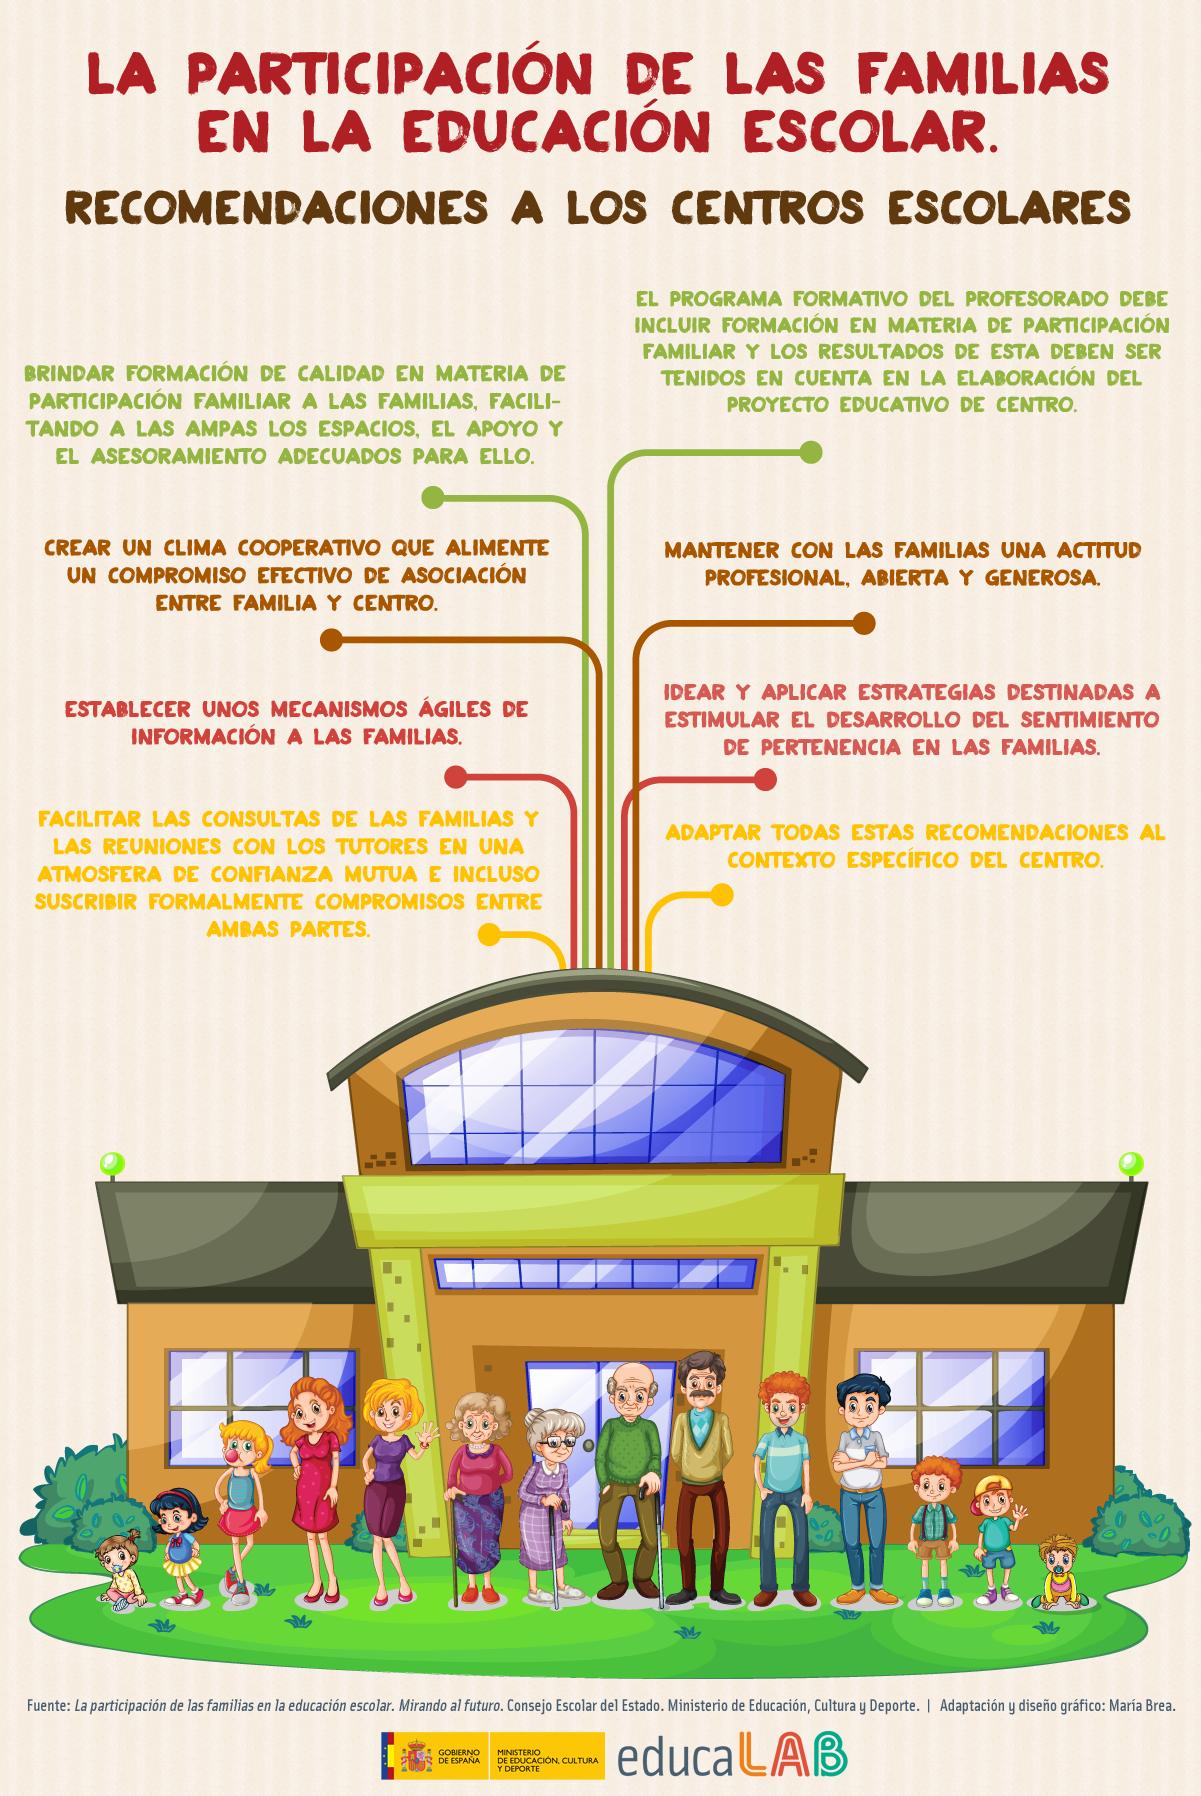 La participación de las familias en la educación escolar ...